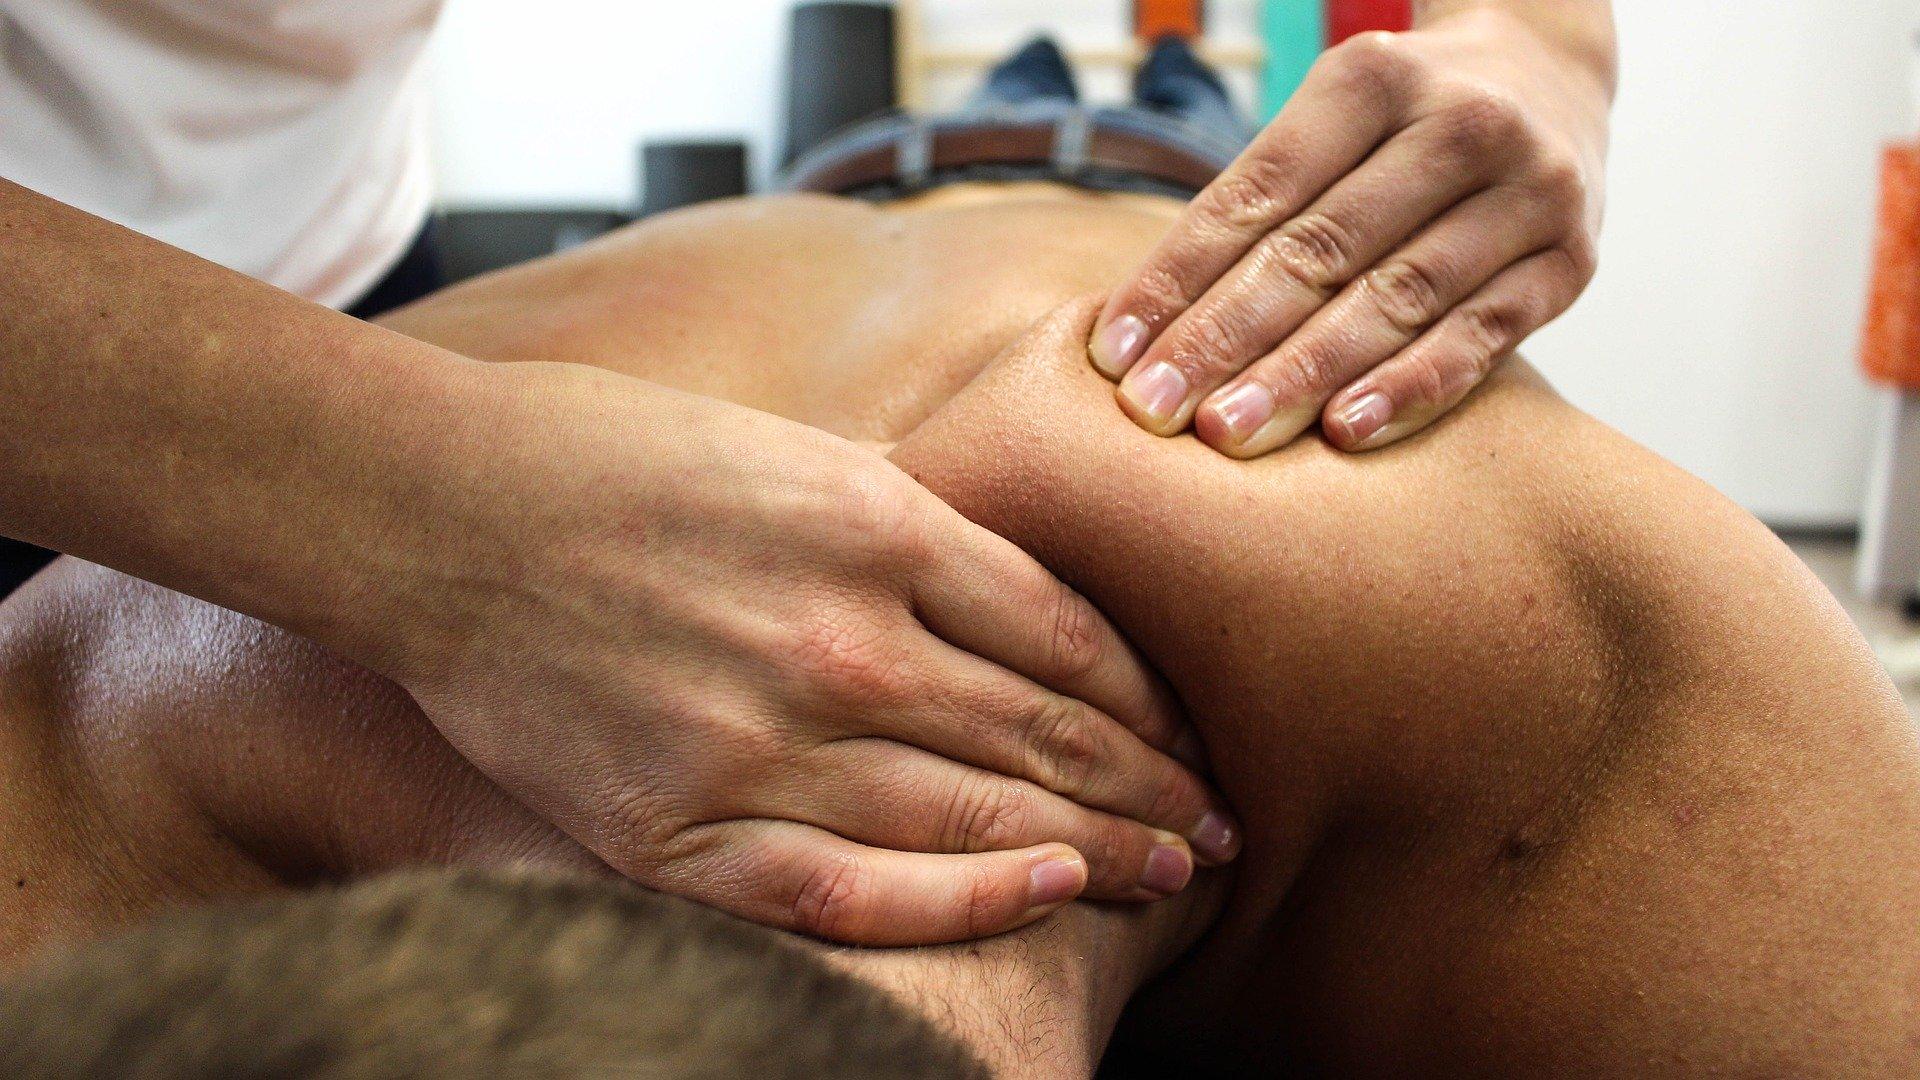 Masaże wyszczuplające - czym są i w jaki sposób wpływają na proces odchudzania?